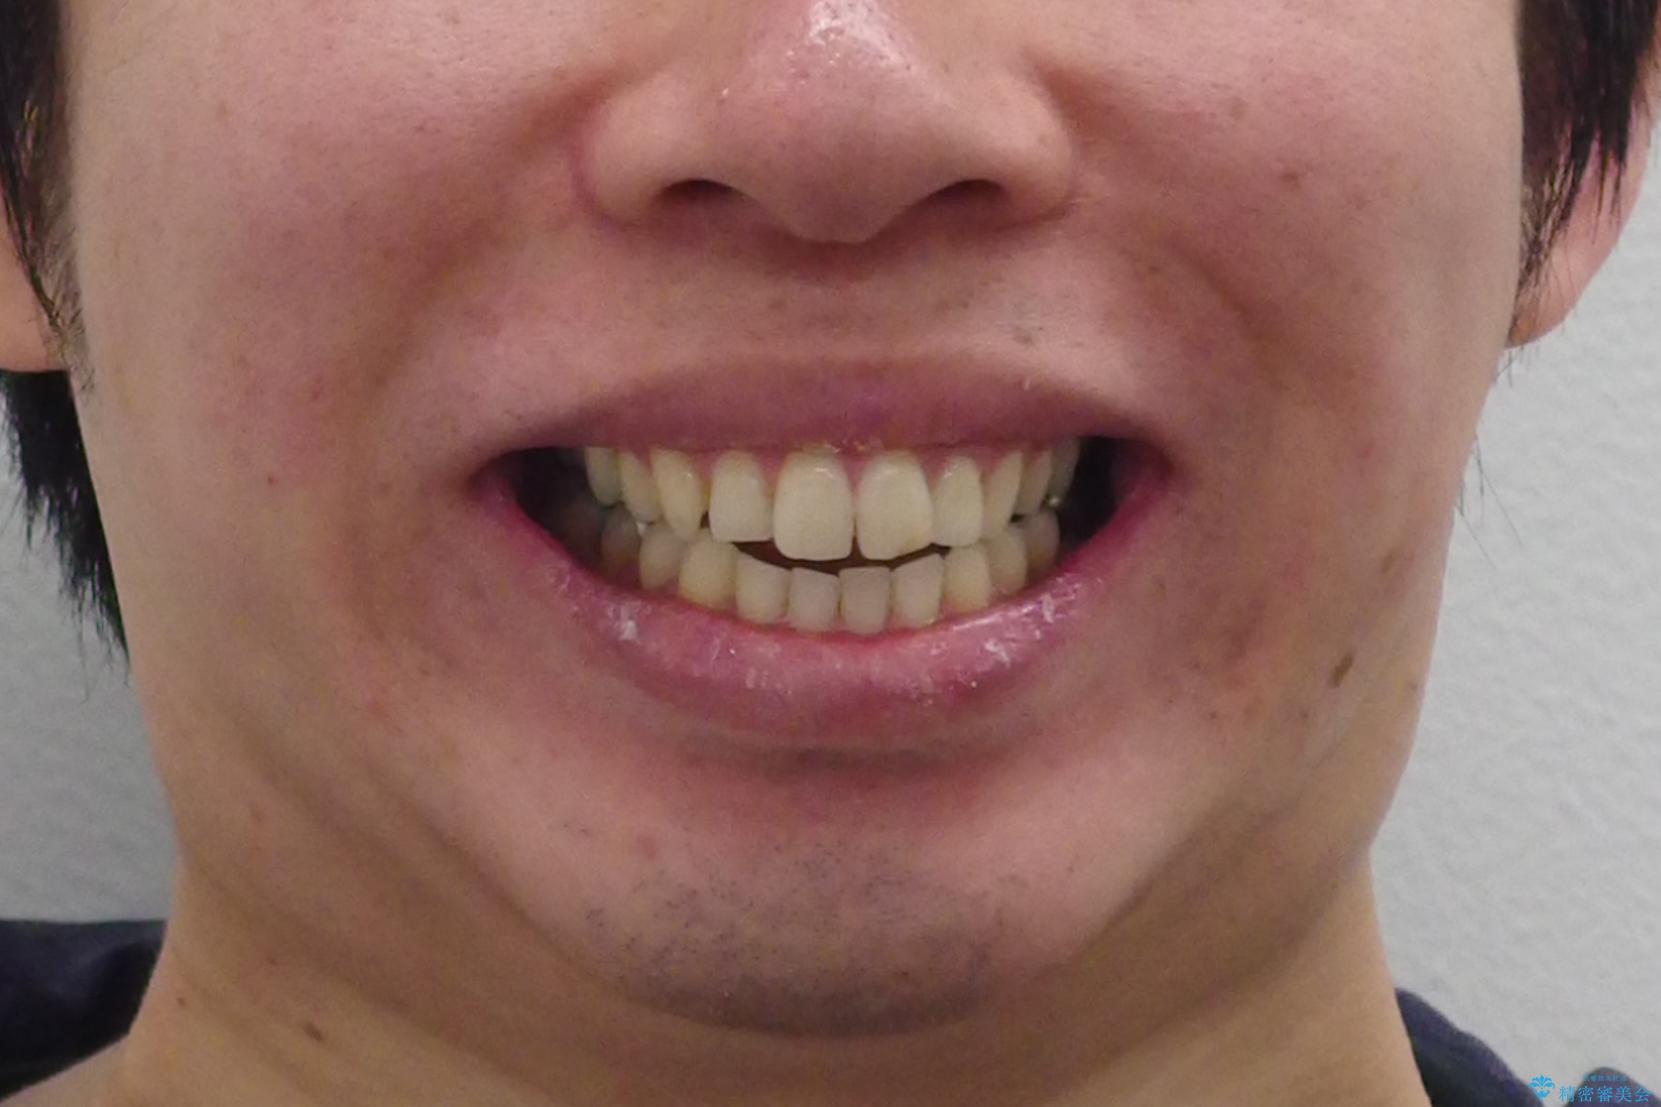 出っ歯 すれ違い咬合の改善 の治療前(顔貌)